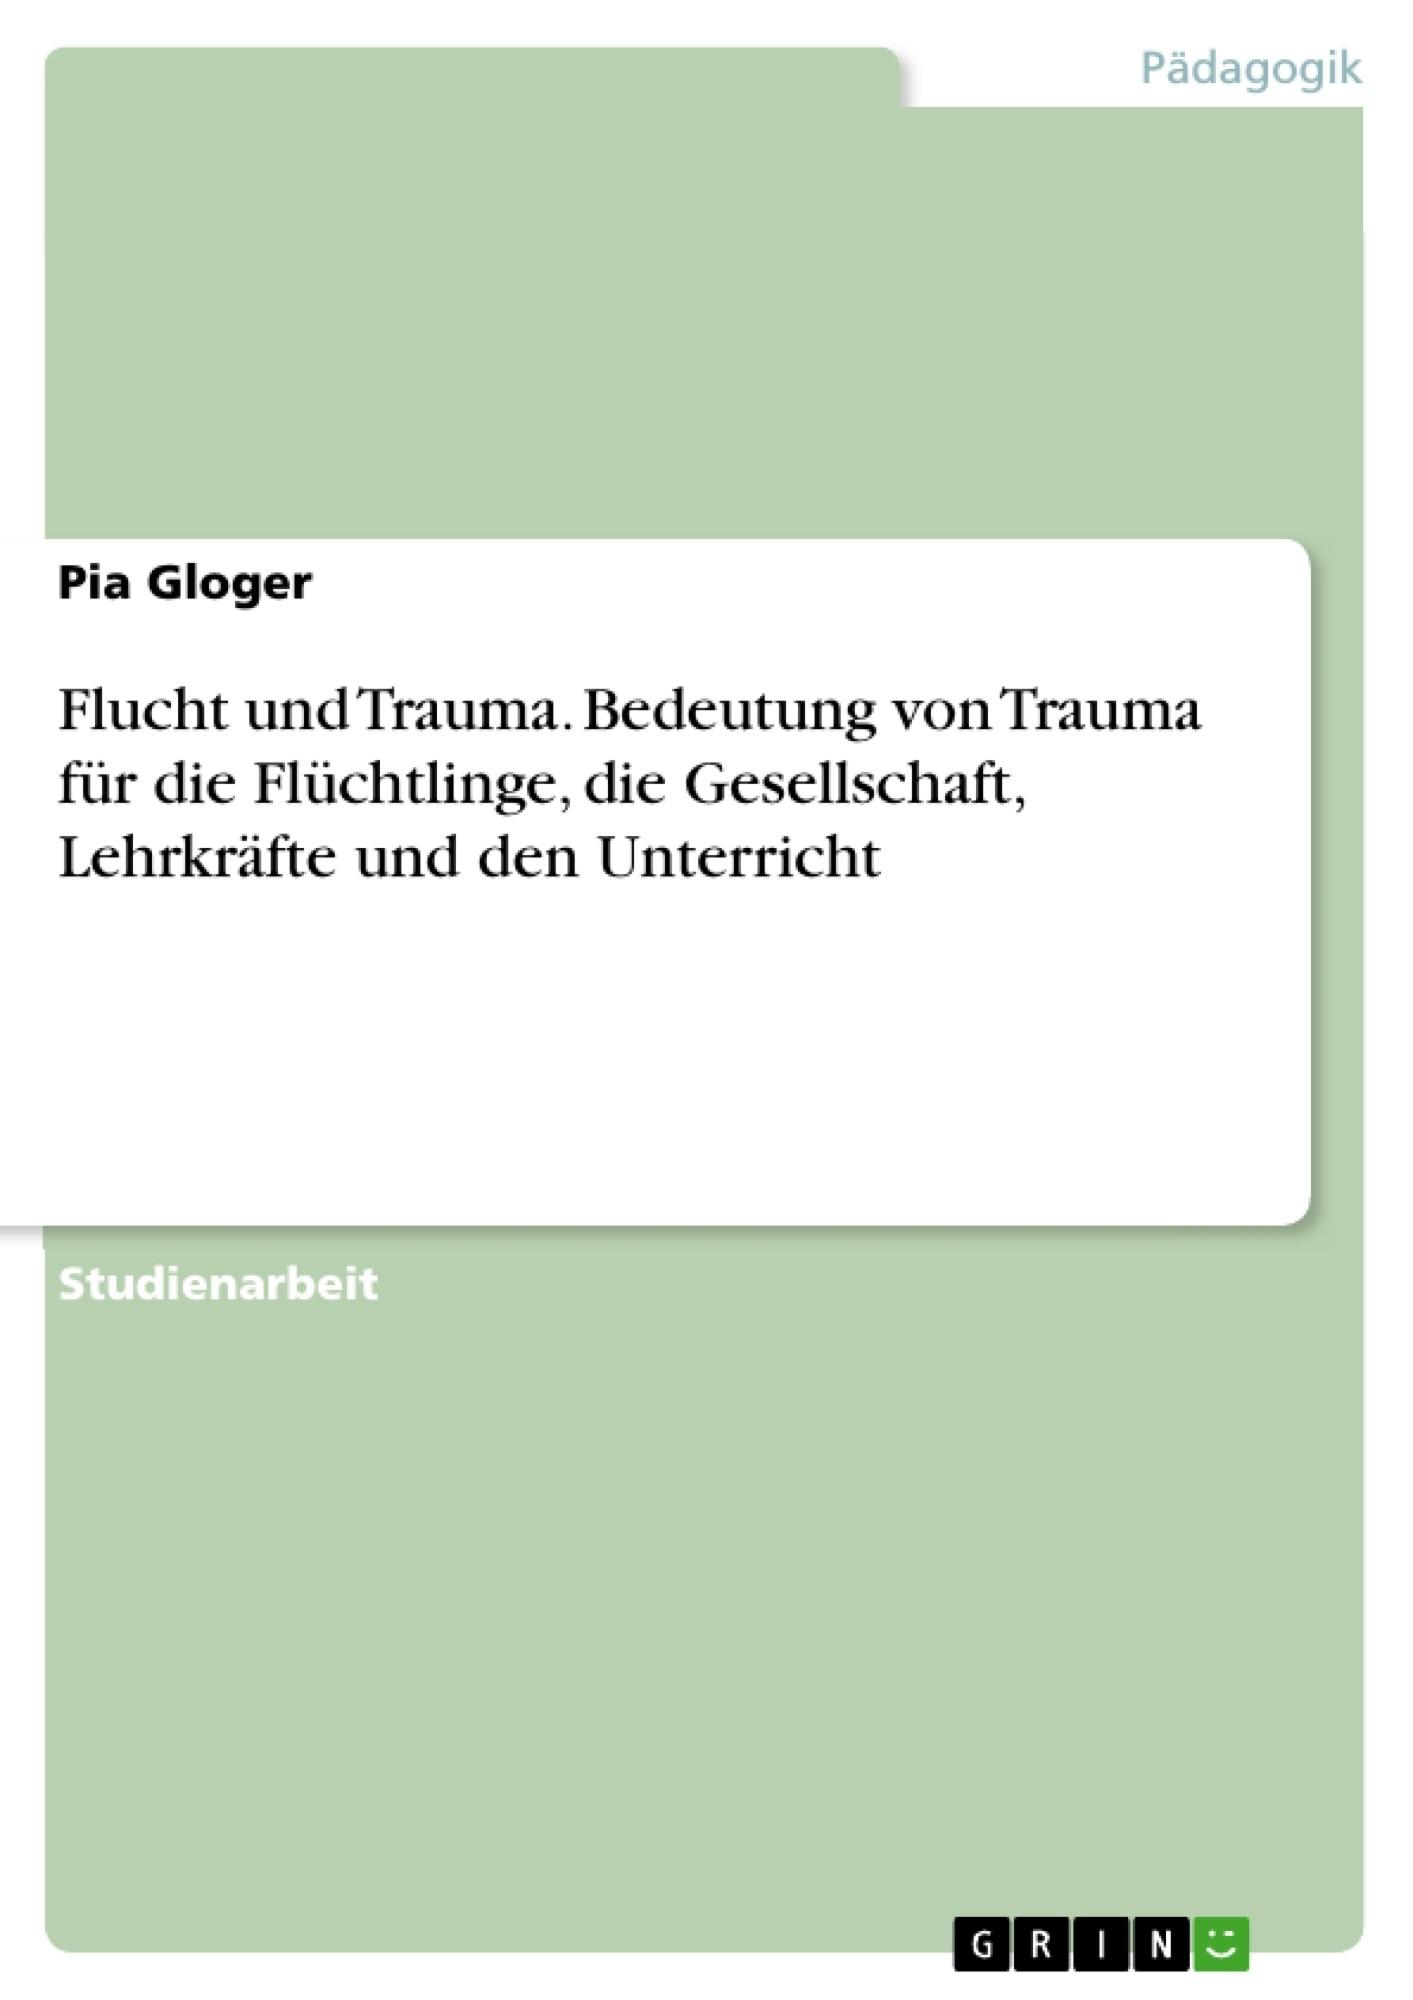 Titel: Flucht und Trauma. Bedeutung von Trauma für die Flüchtlinge, die Gesellschaft, Lehrkräfte und den Unterricht